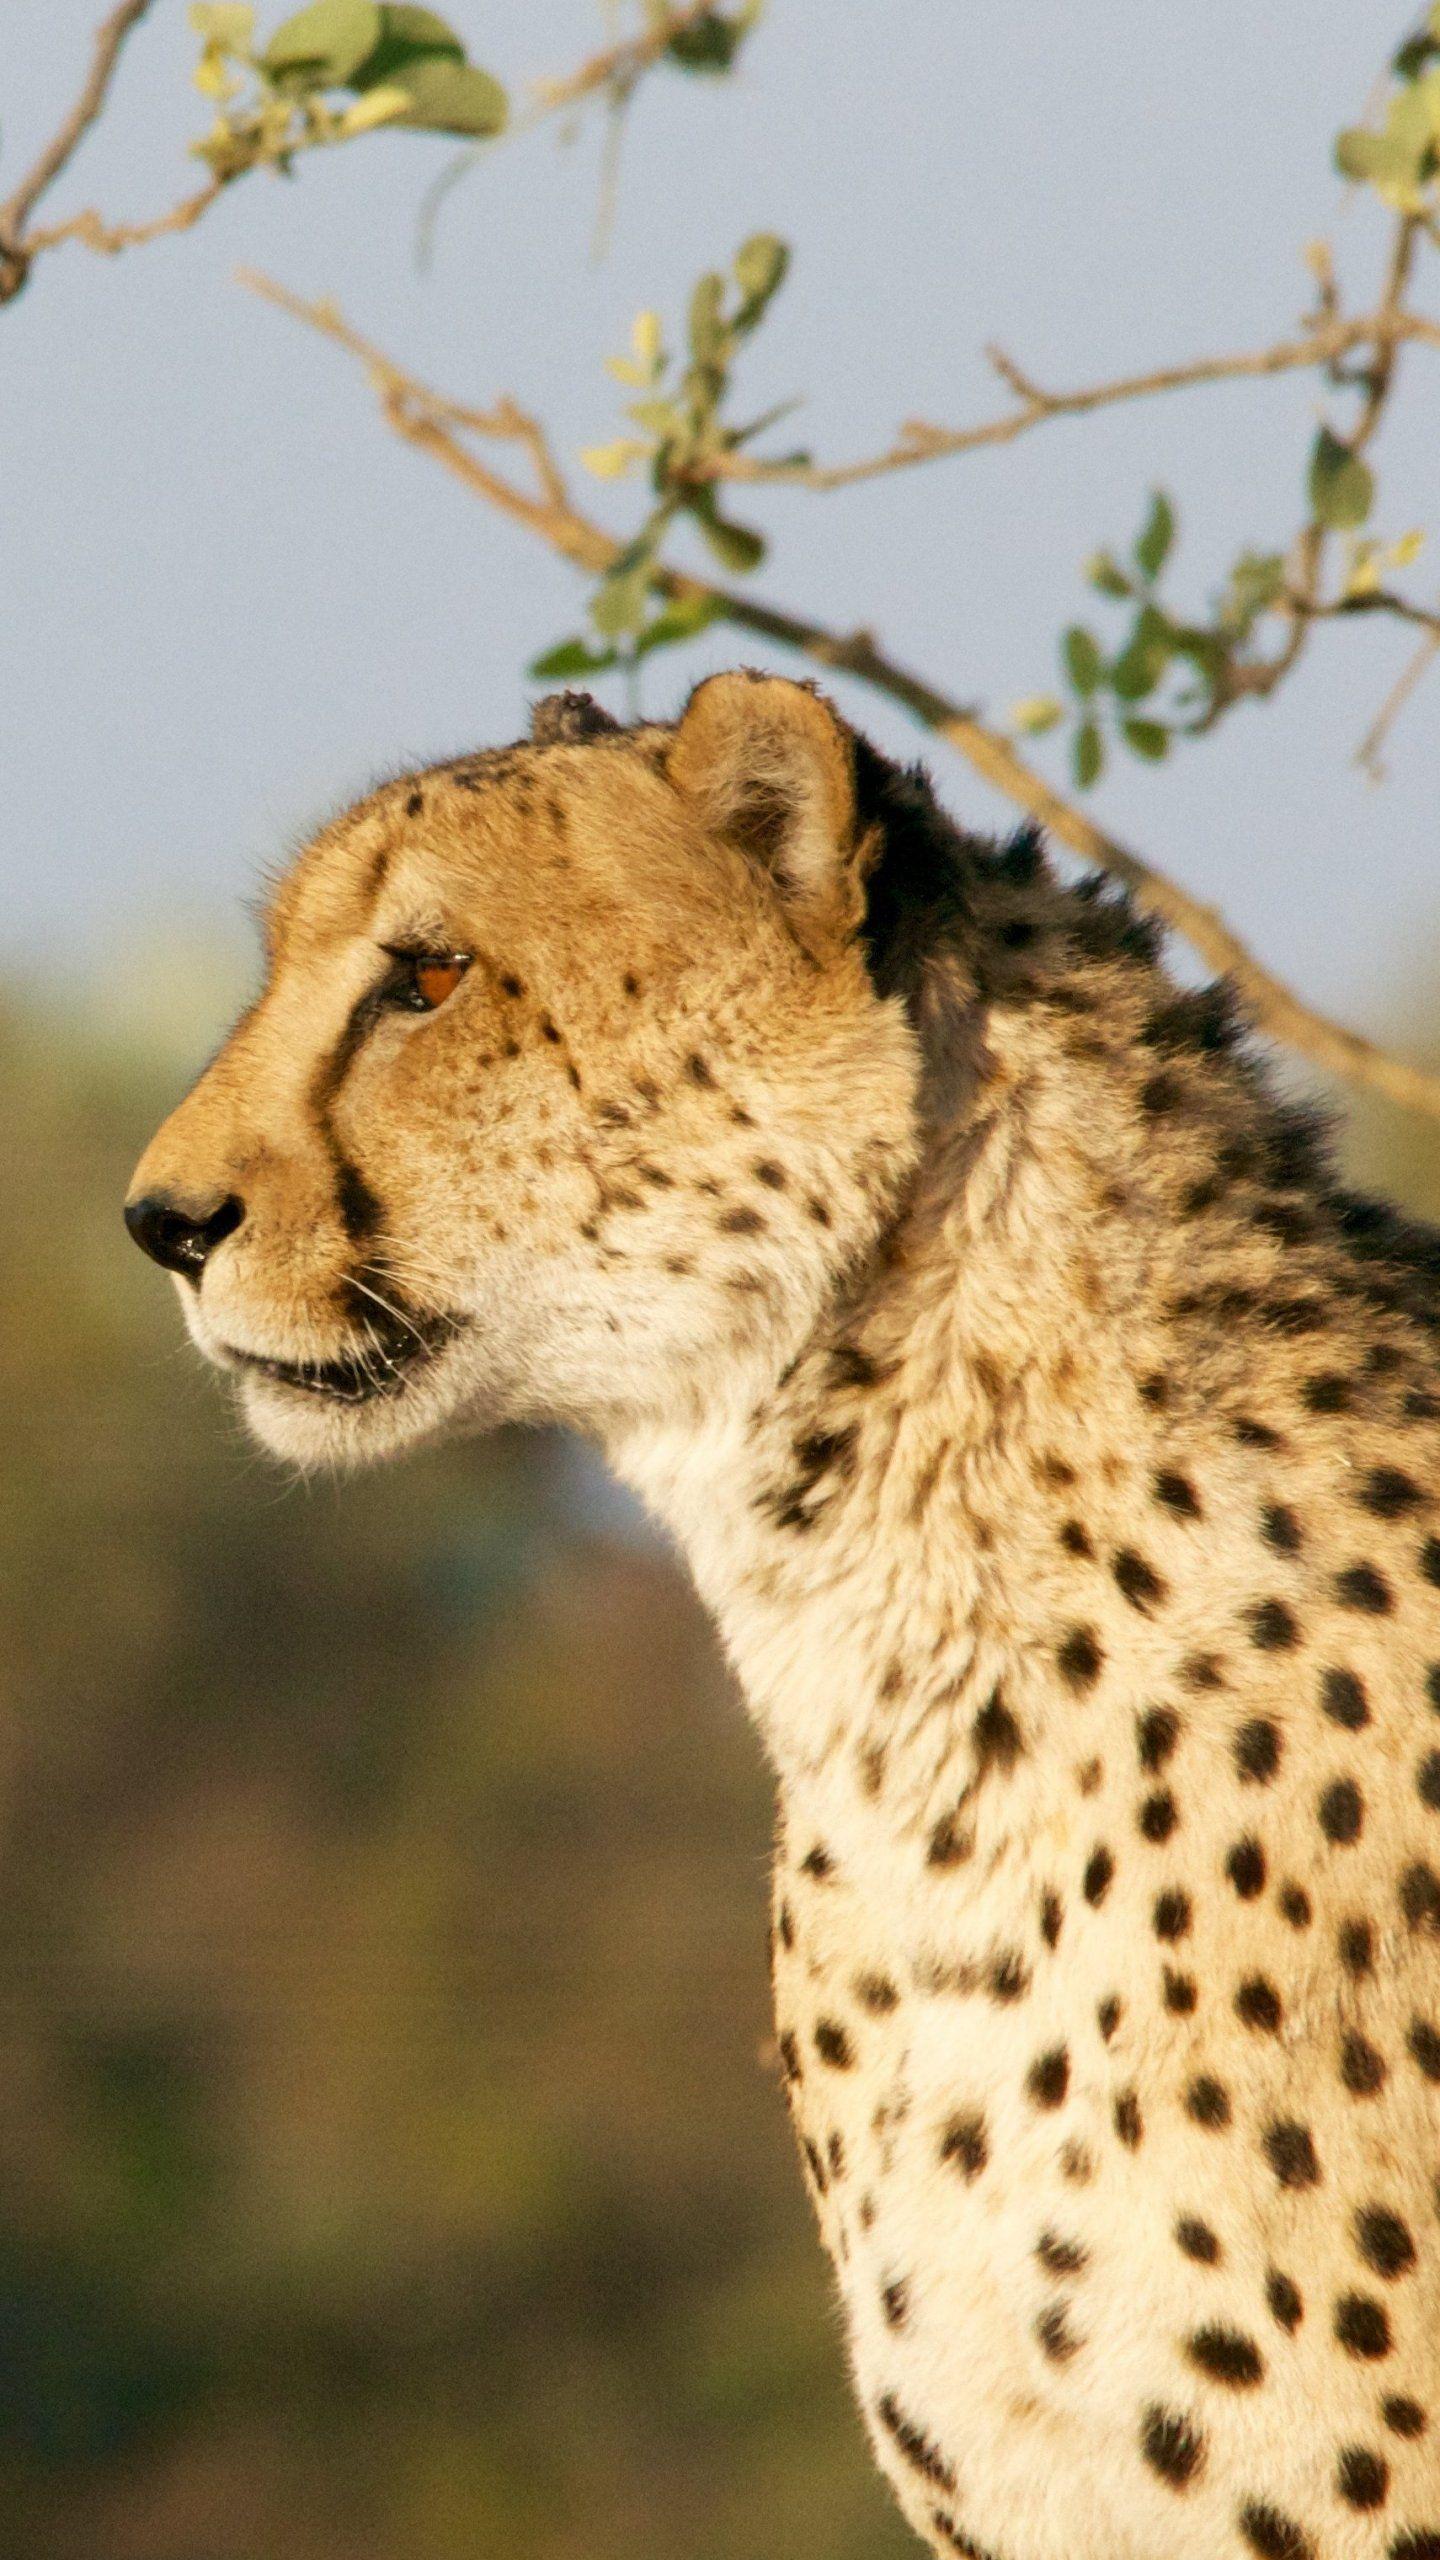 Cheetah Wallpaper Iphone Android Desktop Backgrounds Cheetah Wallpaper Animal Wallpaper Wildlife Wallpaper